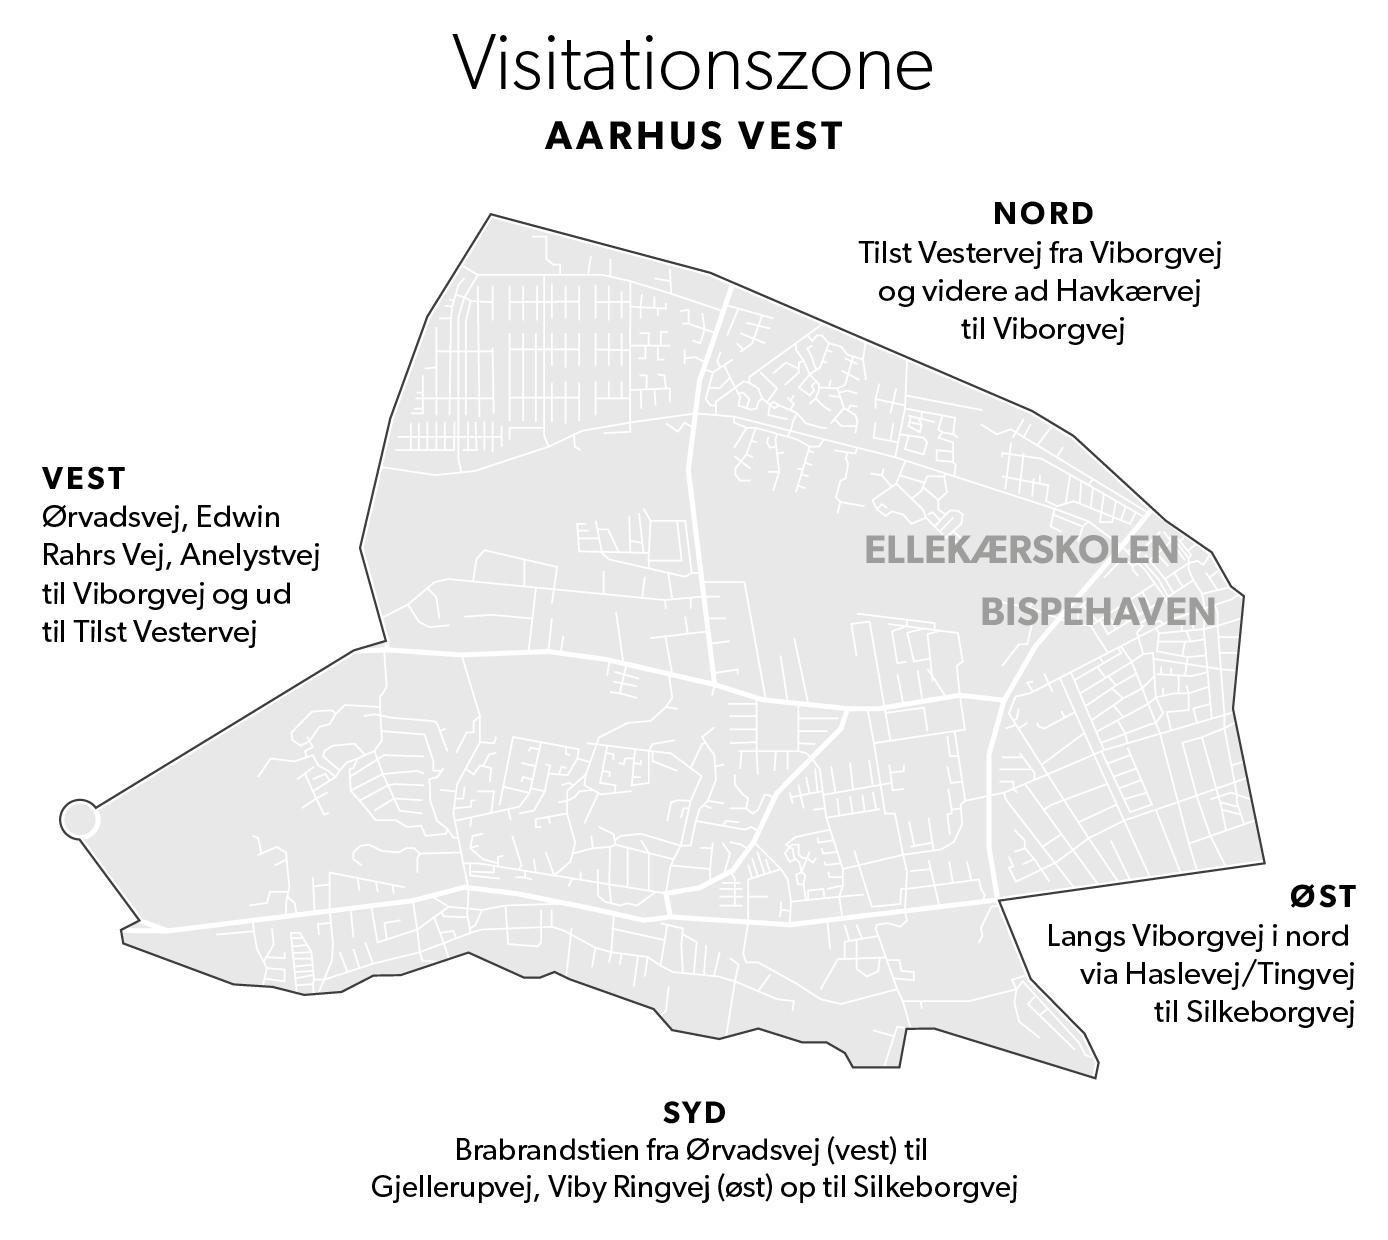 Politiet mener, at visitationszonen i Aarhus Vest var en vigtig brik i den samlede indsats mod bandeuroen.